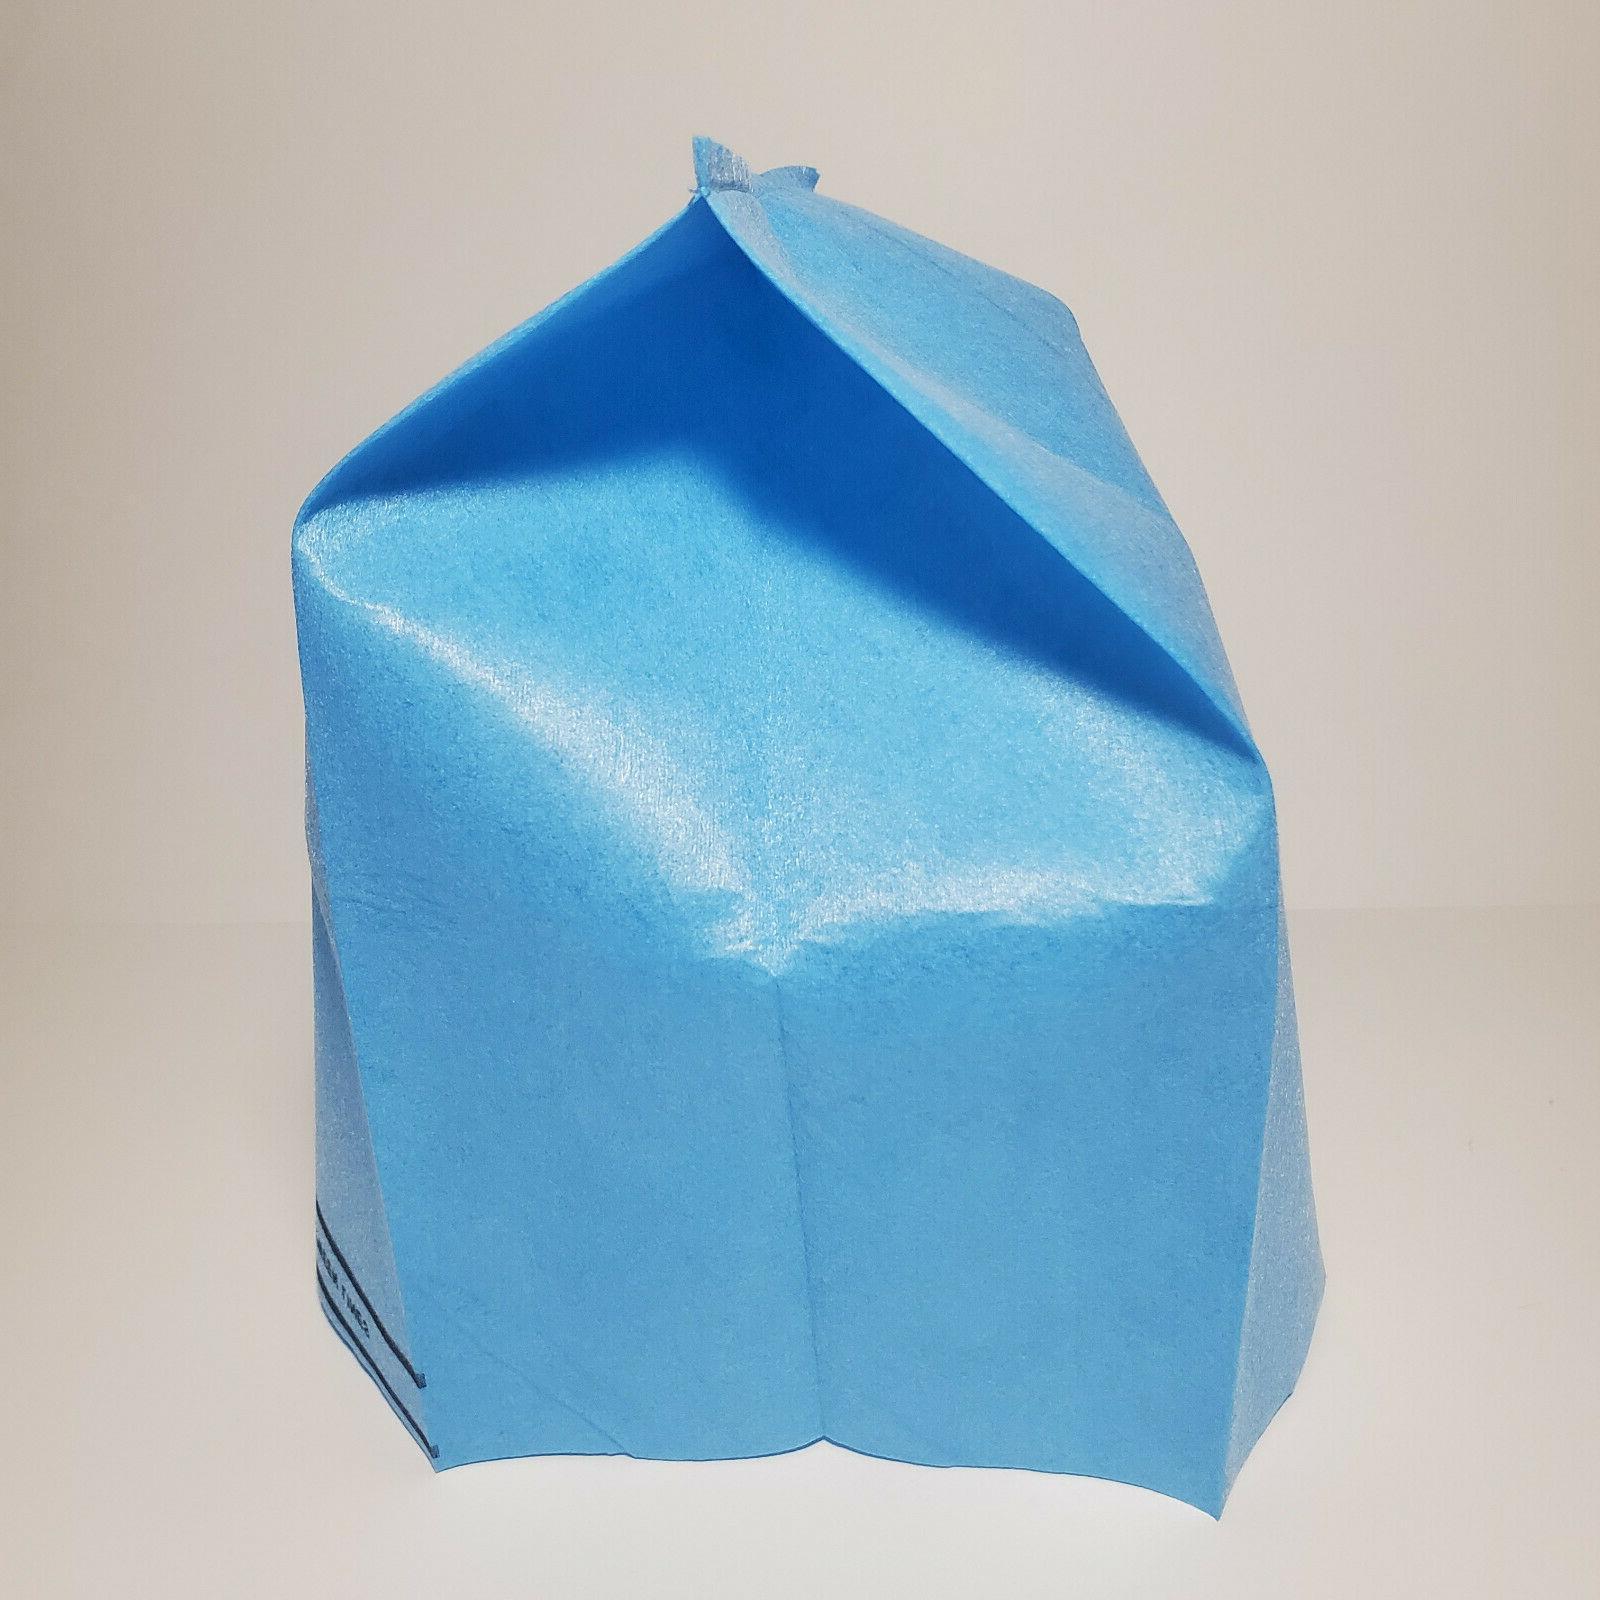 3 Bags 2 2.5 Gallon